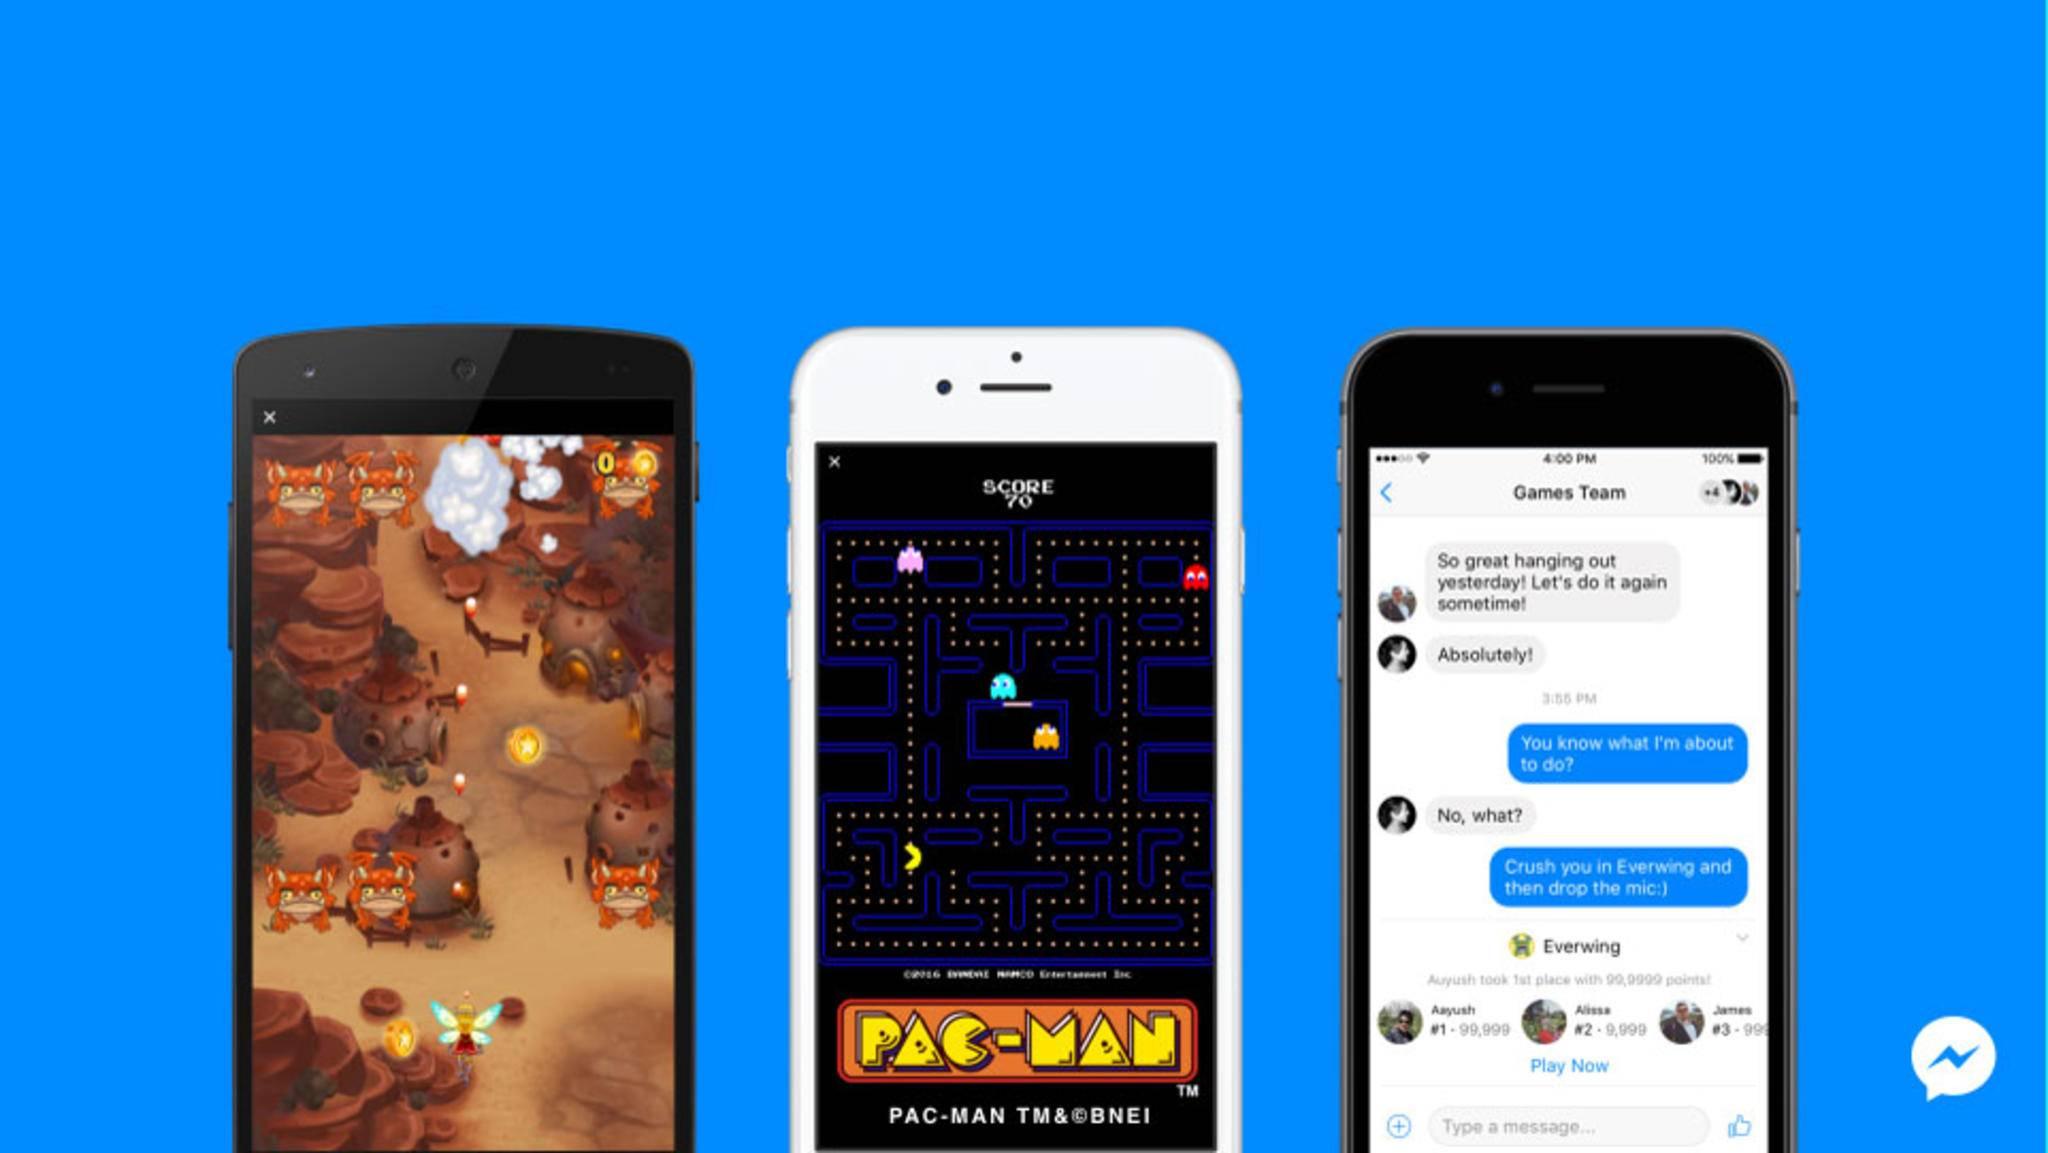 Die Instant Games im Facebook Messenger sind jetzt weltweit verfügbar.